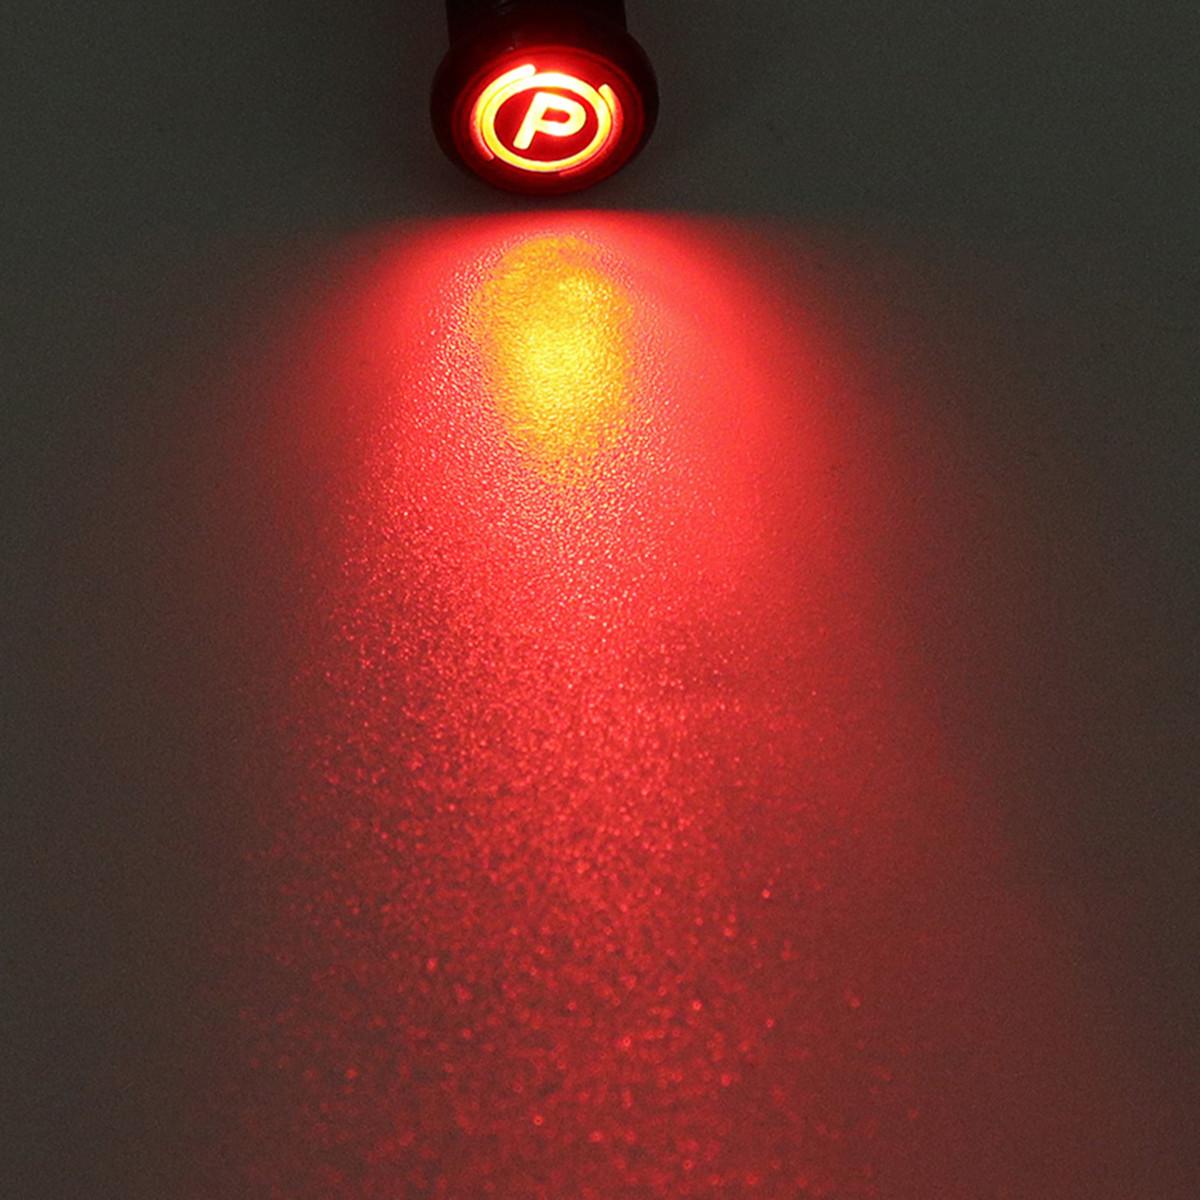 12V-8mm-LED-Leuchtmelder-Anzeigelampe-Signallampe-Signalleuchte-Kontrollleuchte